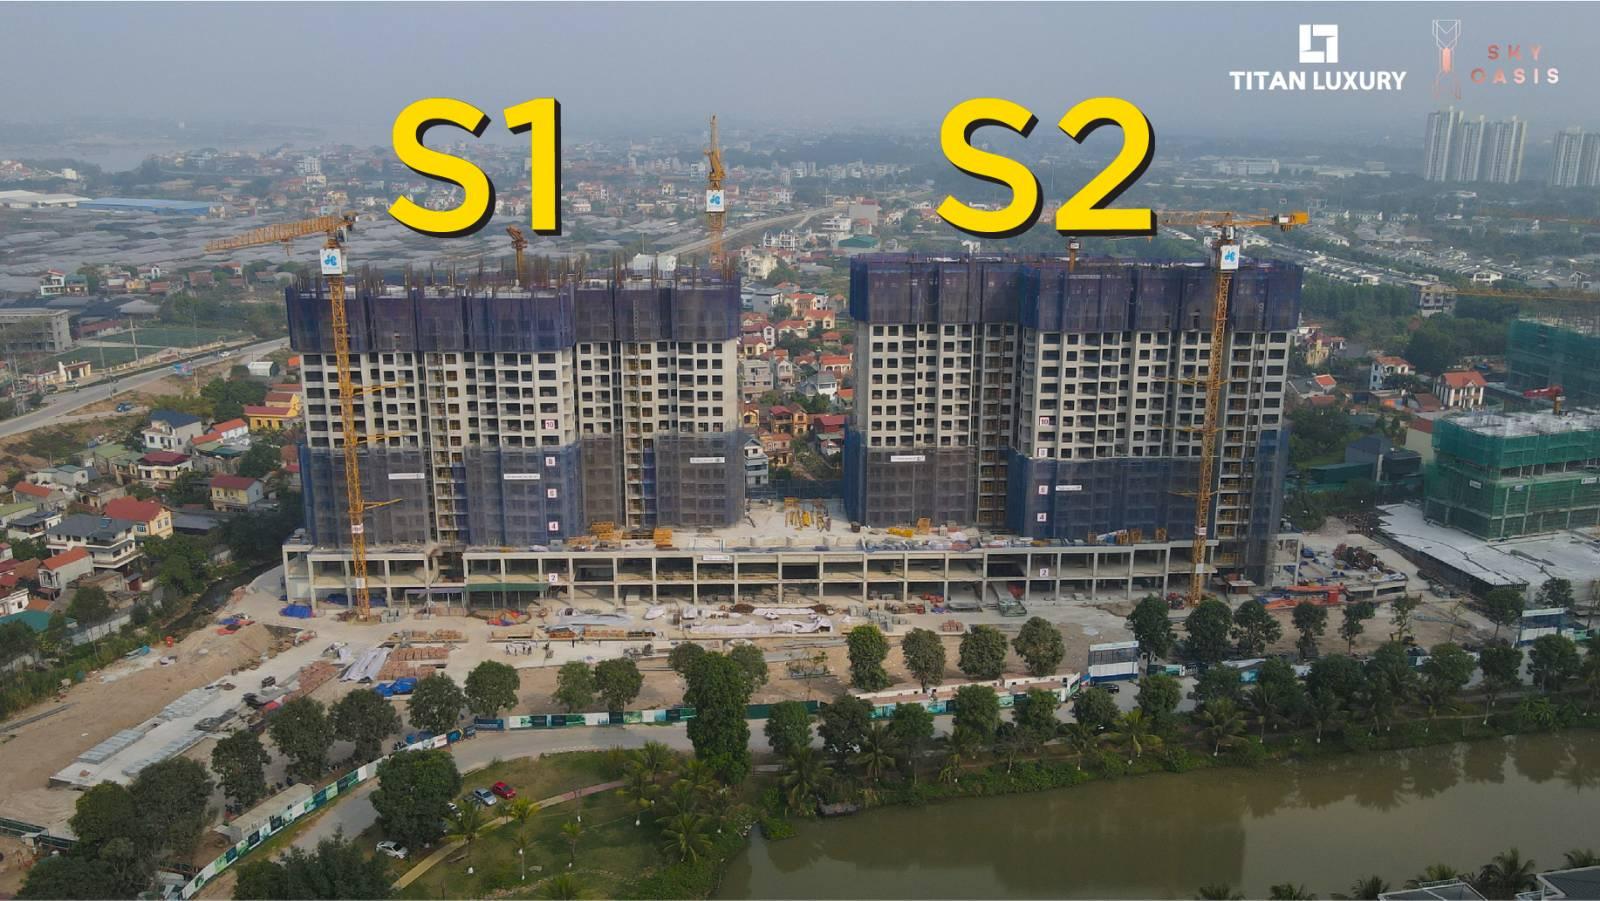 Tòa tháp đôi S1 - S2 đang dần hoàn thiện tầng 19